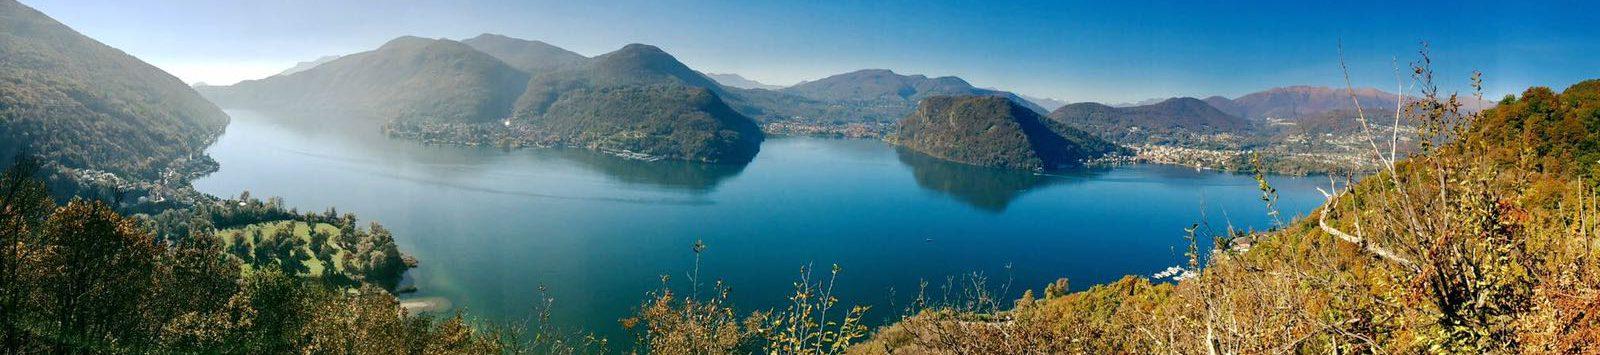 Guide turistiche Ticino - visita turistica - famiglie - guida personalizzata - Ticino Lugano Bellinzona Mendrisio Ticino per tutti